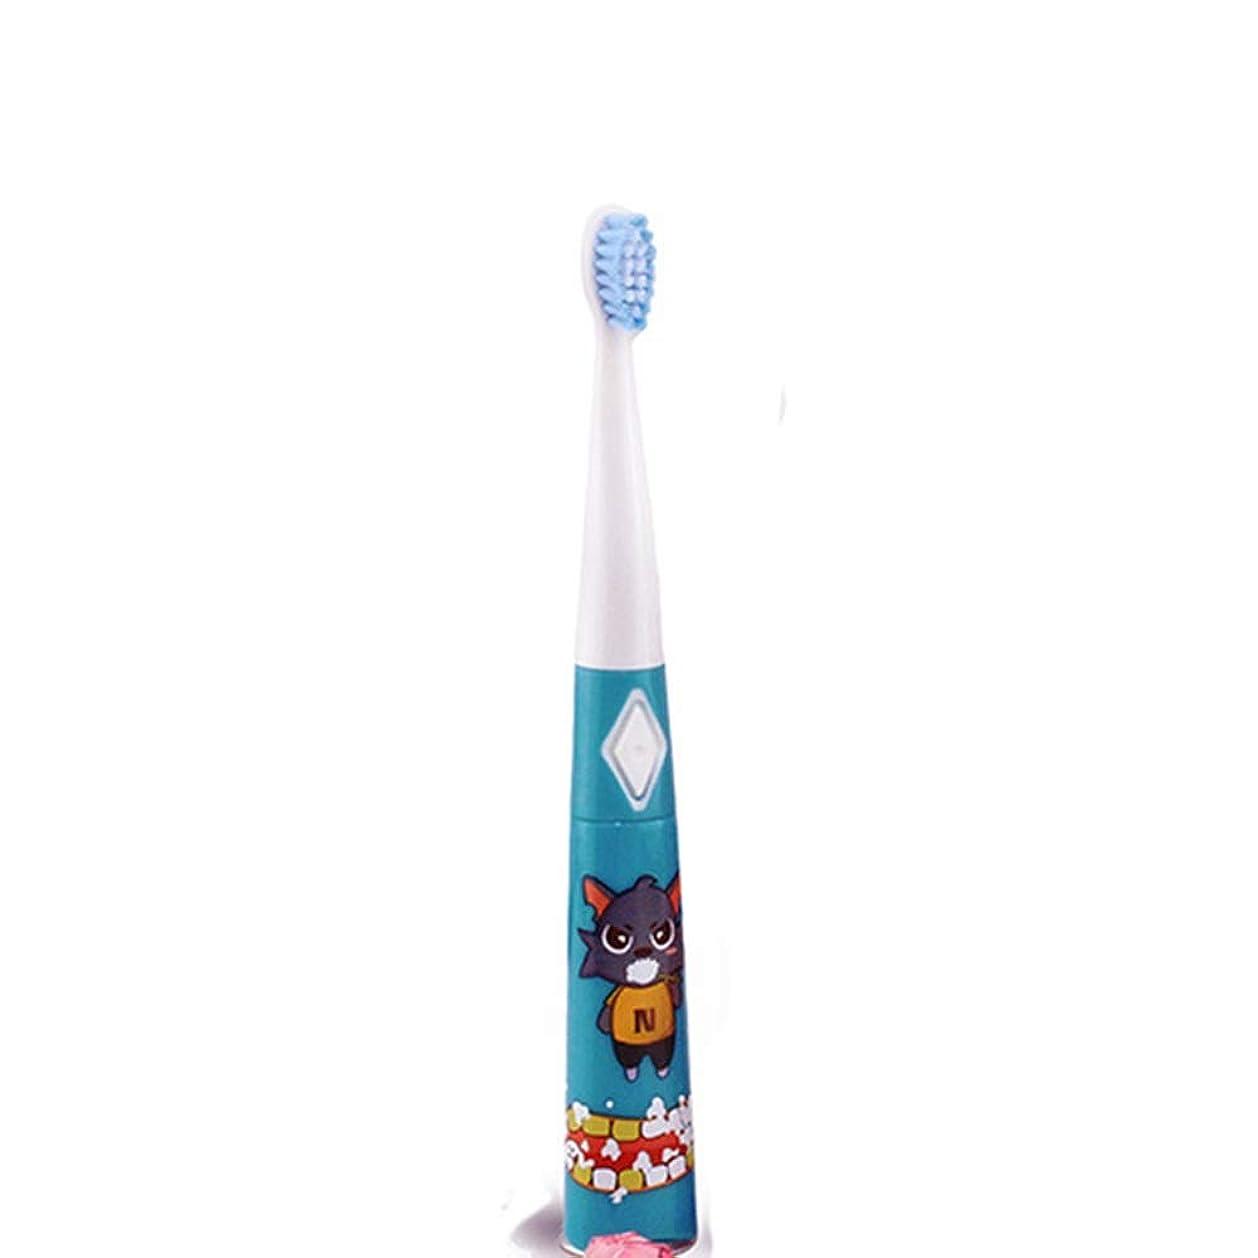 である石化するバッテリー耐久性のある子供用電動歯ブラシ防水ソフトヘア歯ブラシ 完璧な旅の道連れ (色 : 青, サイズ : Free size)